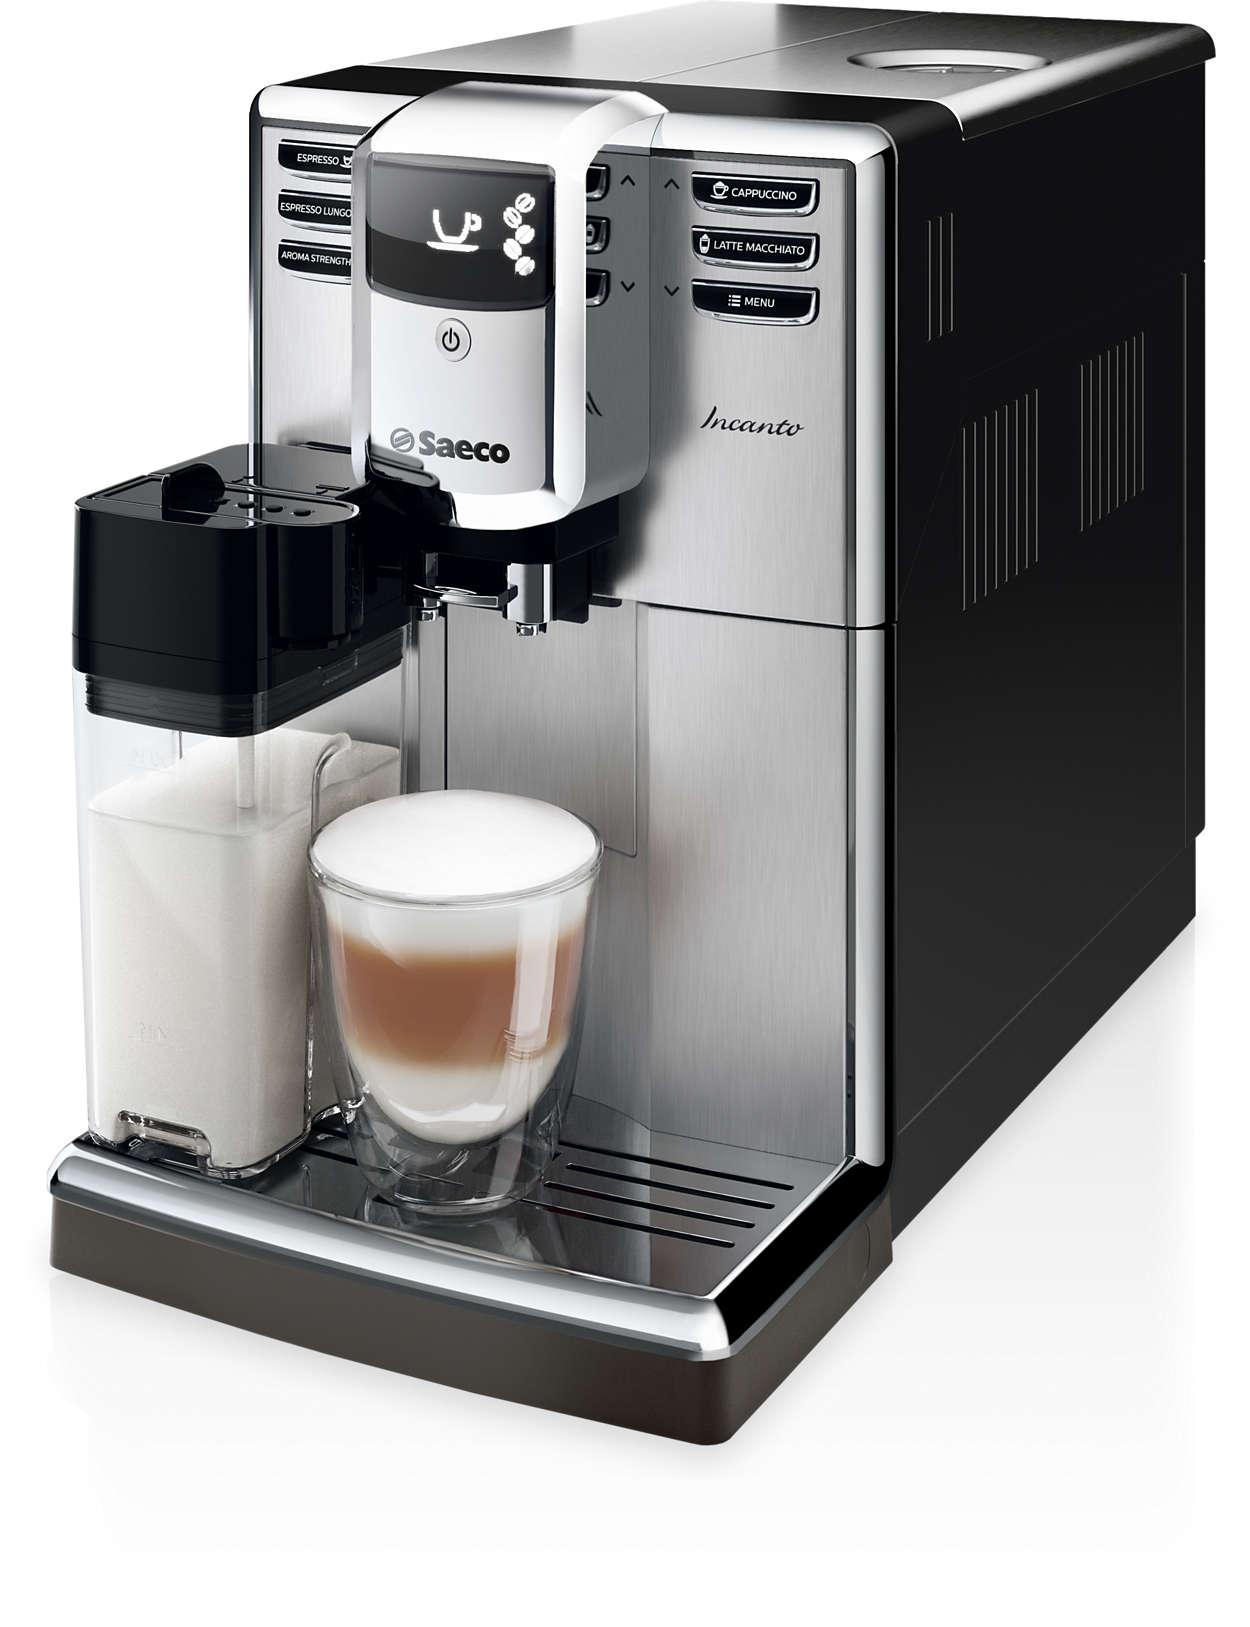 Espressor, uz casnic, Aparat de cafea, , Cafea boabe